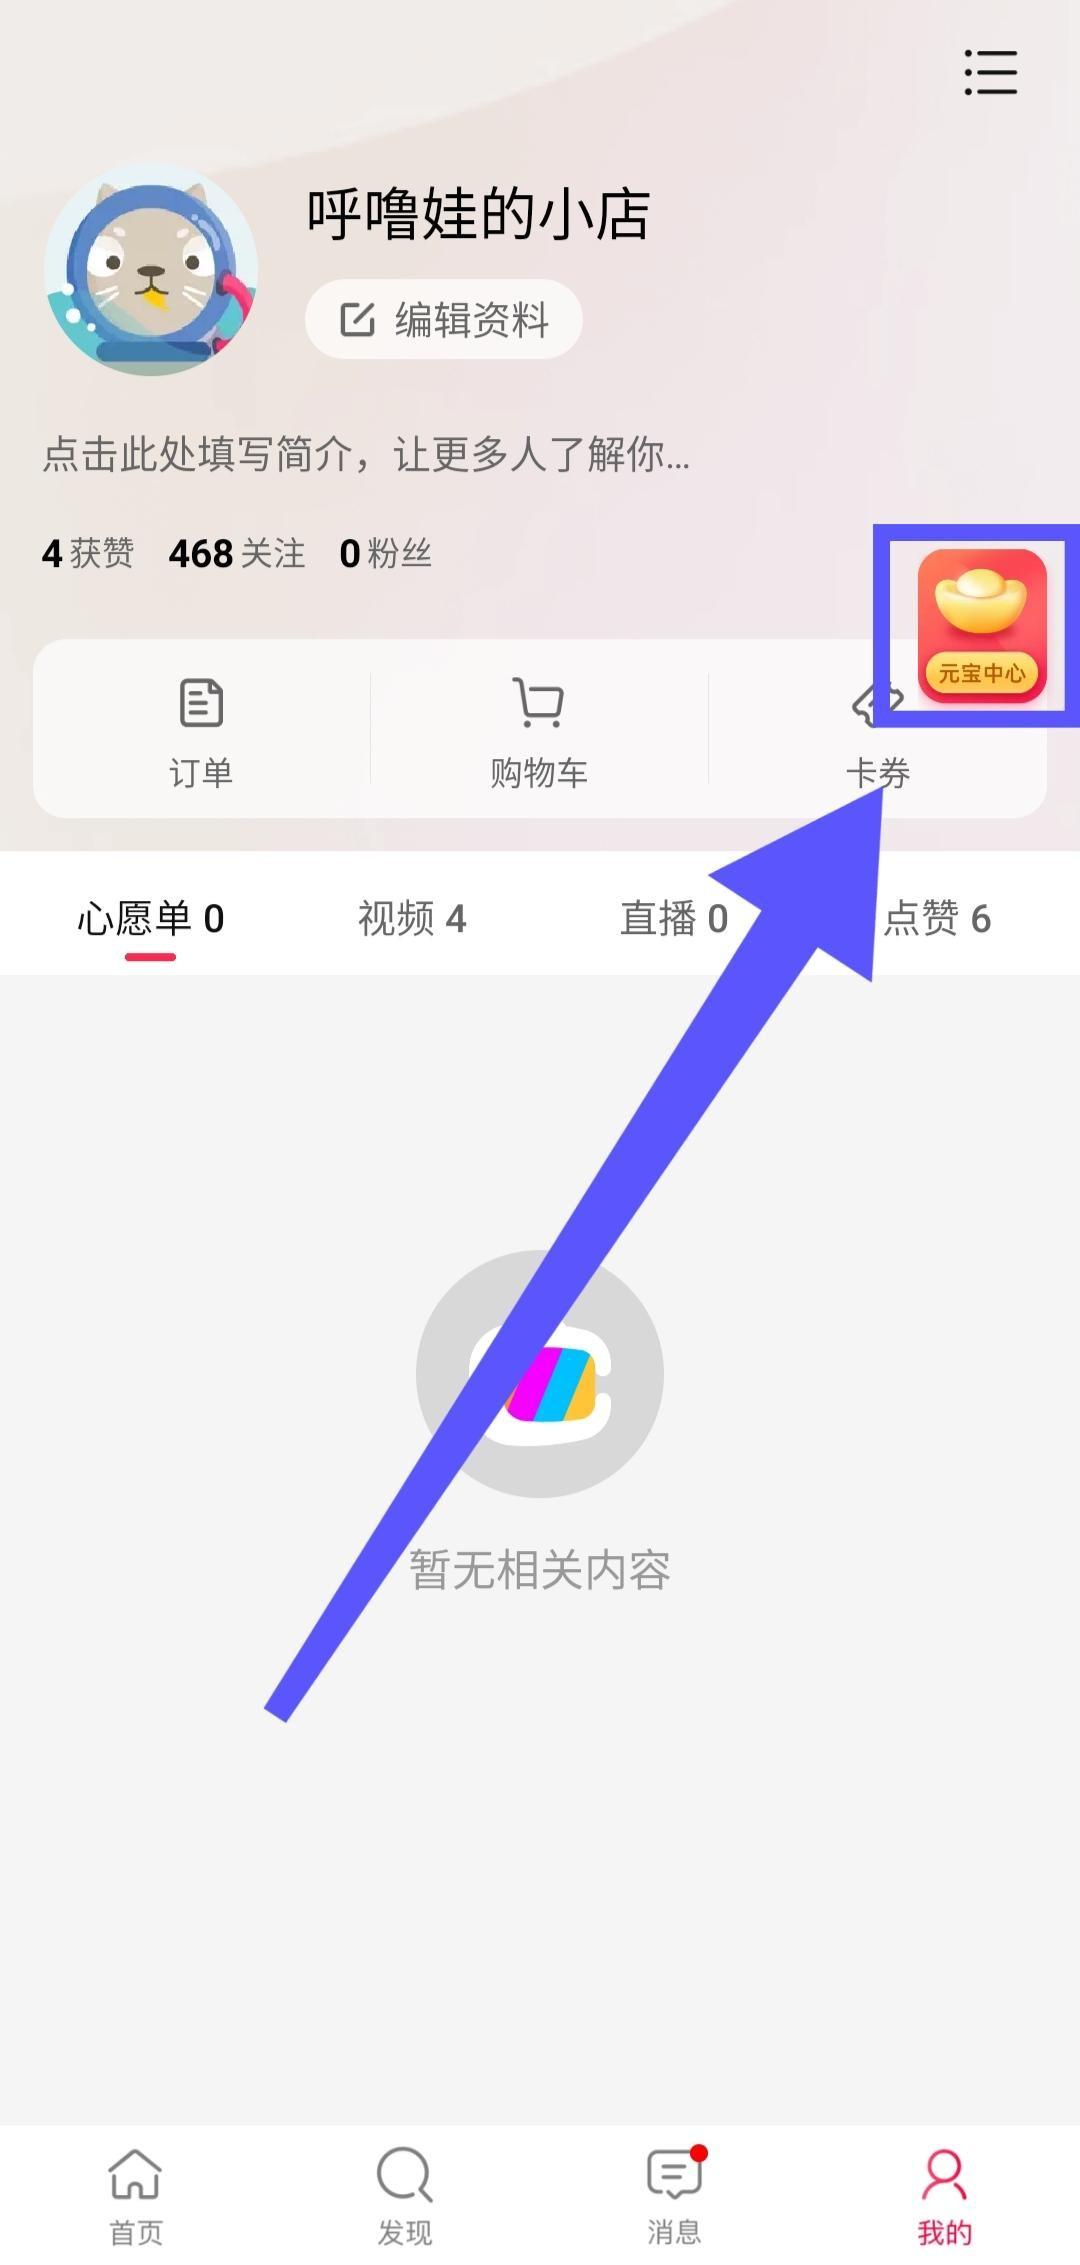 【网络兼职小任务】点淘-青团社